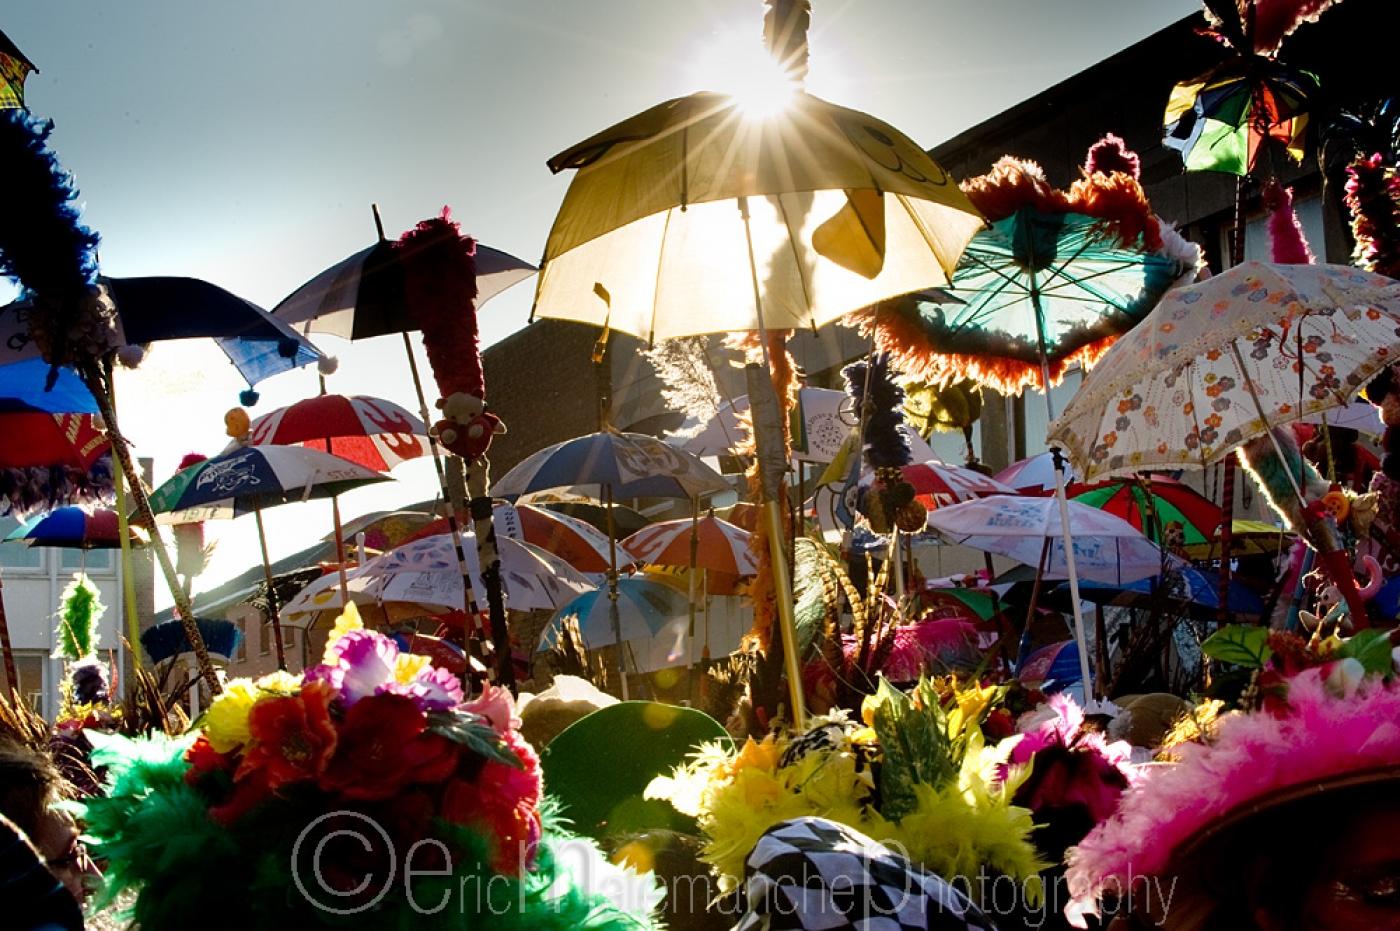 http://www.ericmalemanche.com/imagess/topics/carnaval-de-dunkerque/liste/Carnaval-Dunkerque-1477.jpg